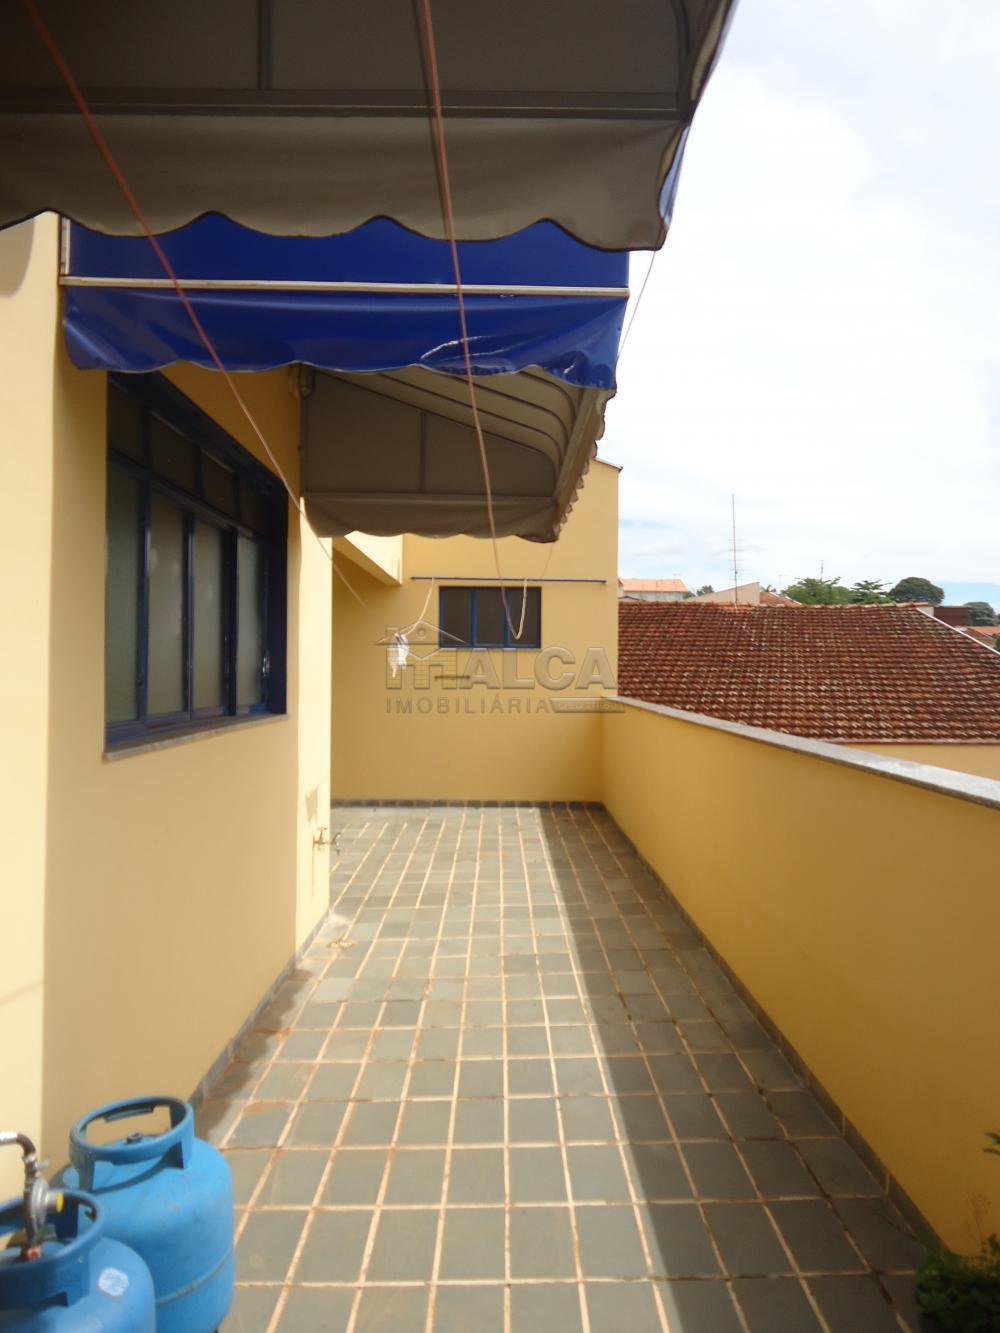 Alugar Casas / Sobrado em São José do Rio Pardo apenas R$ 2.000,00 - Foto 7